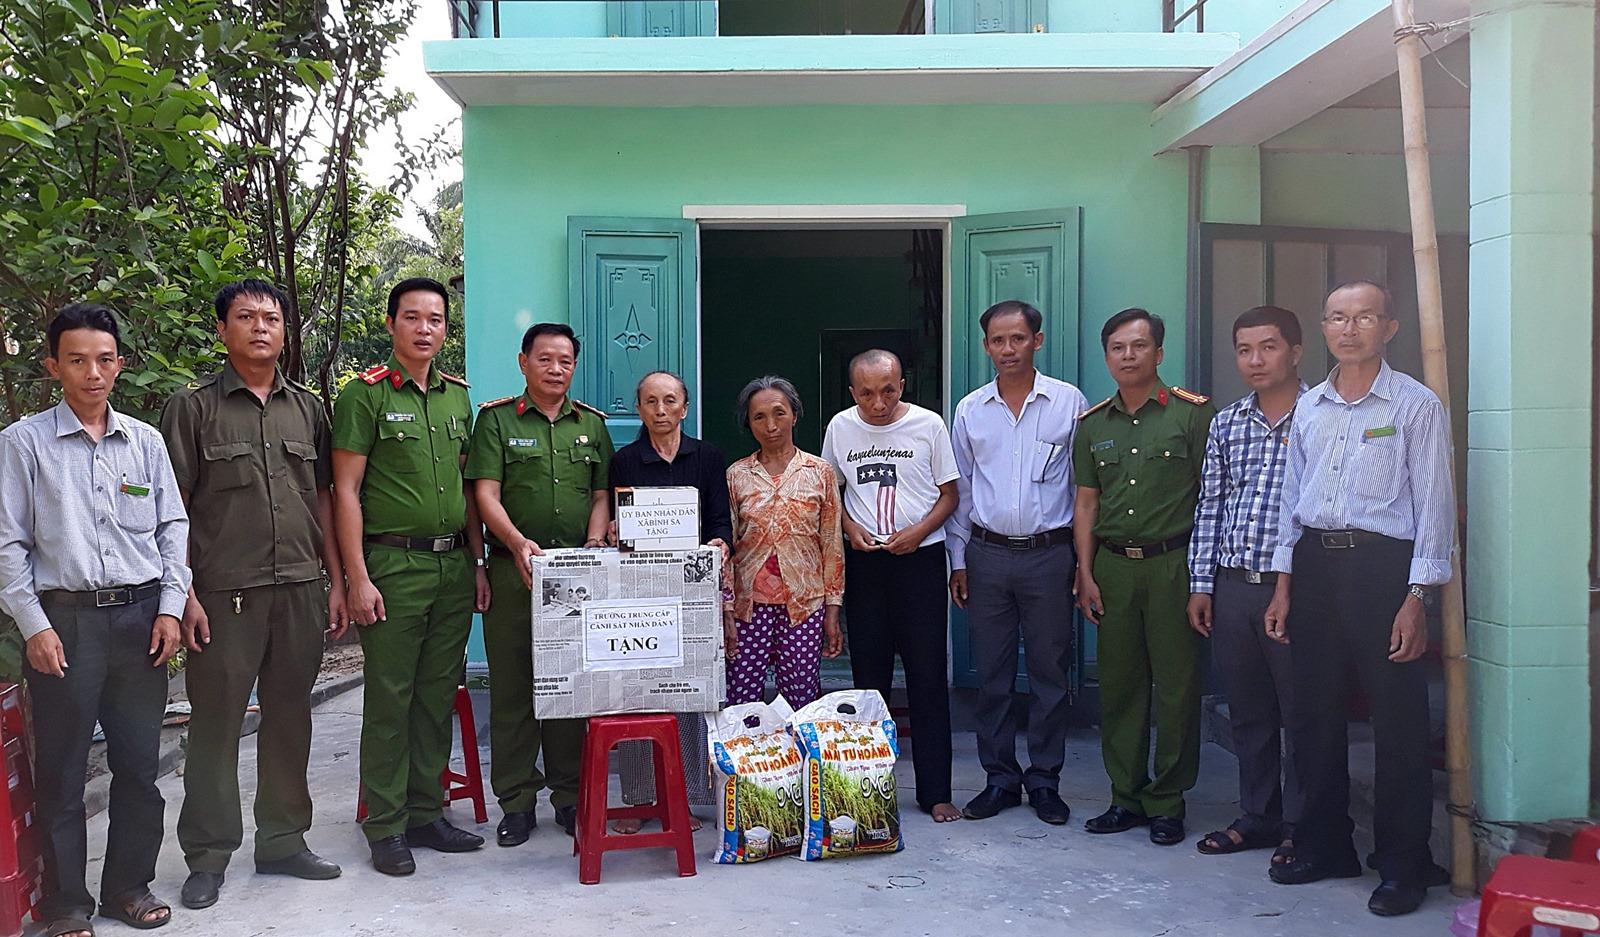 Trường Trung cấp CSND V hỗ trợ xây nhà cho người dân nghèo